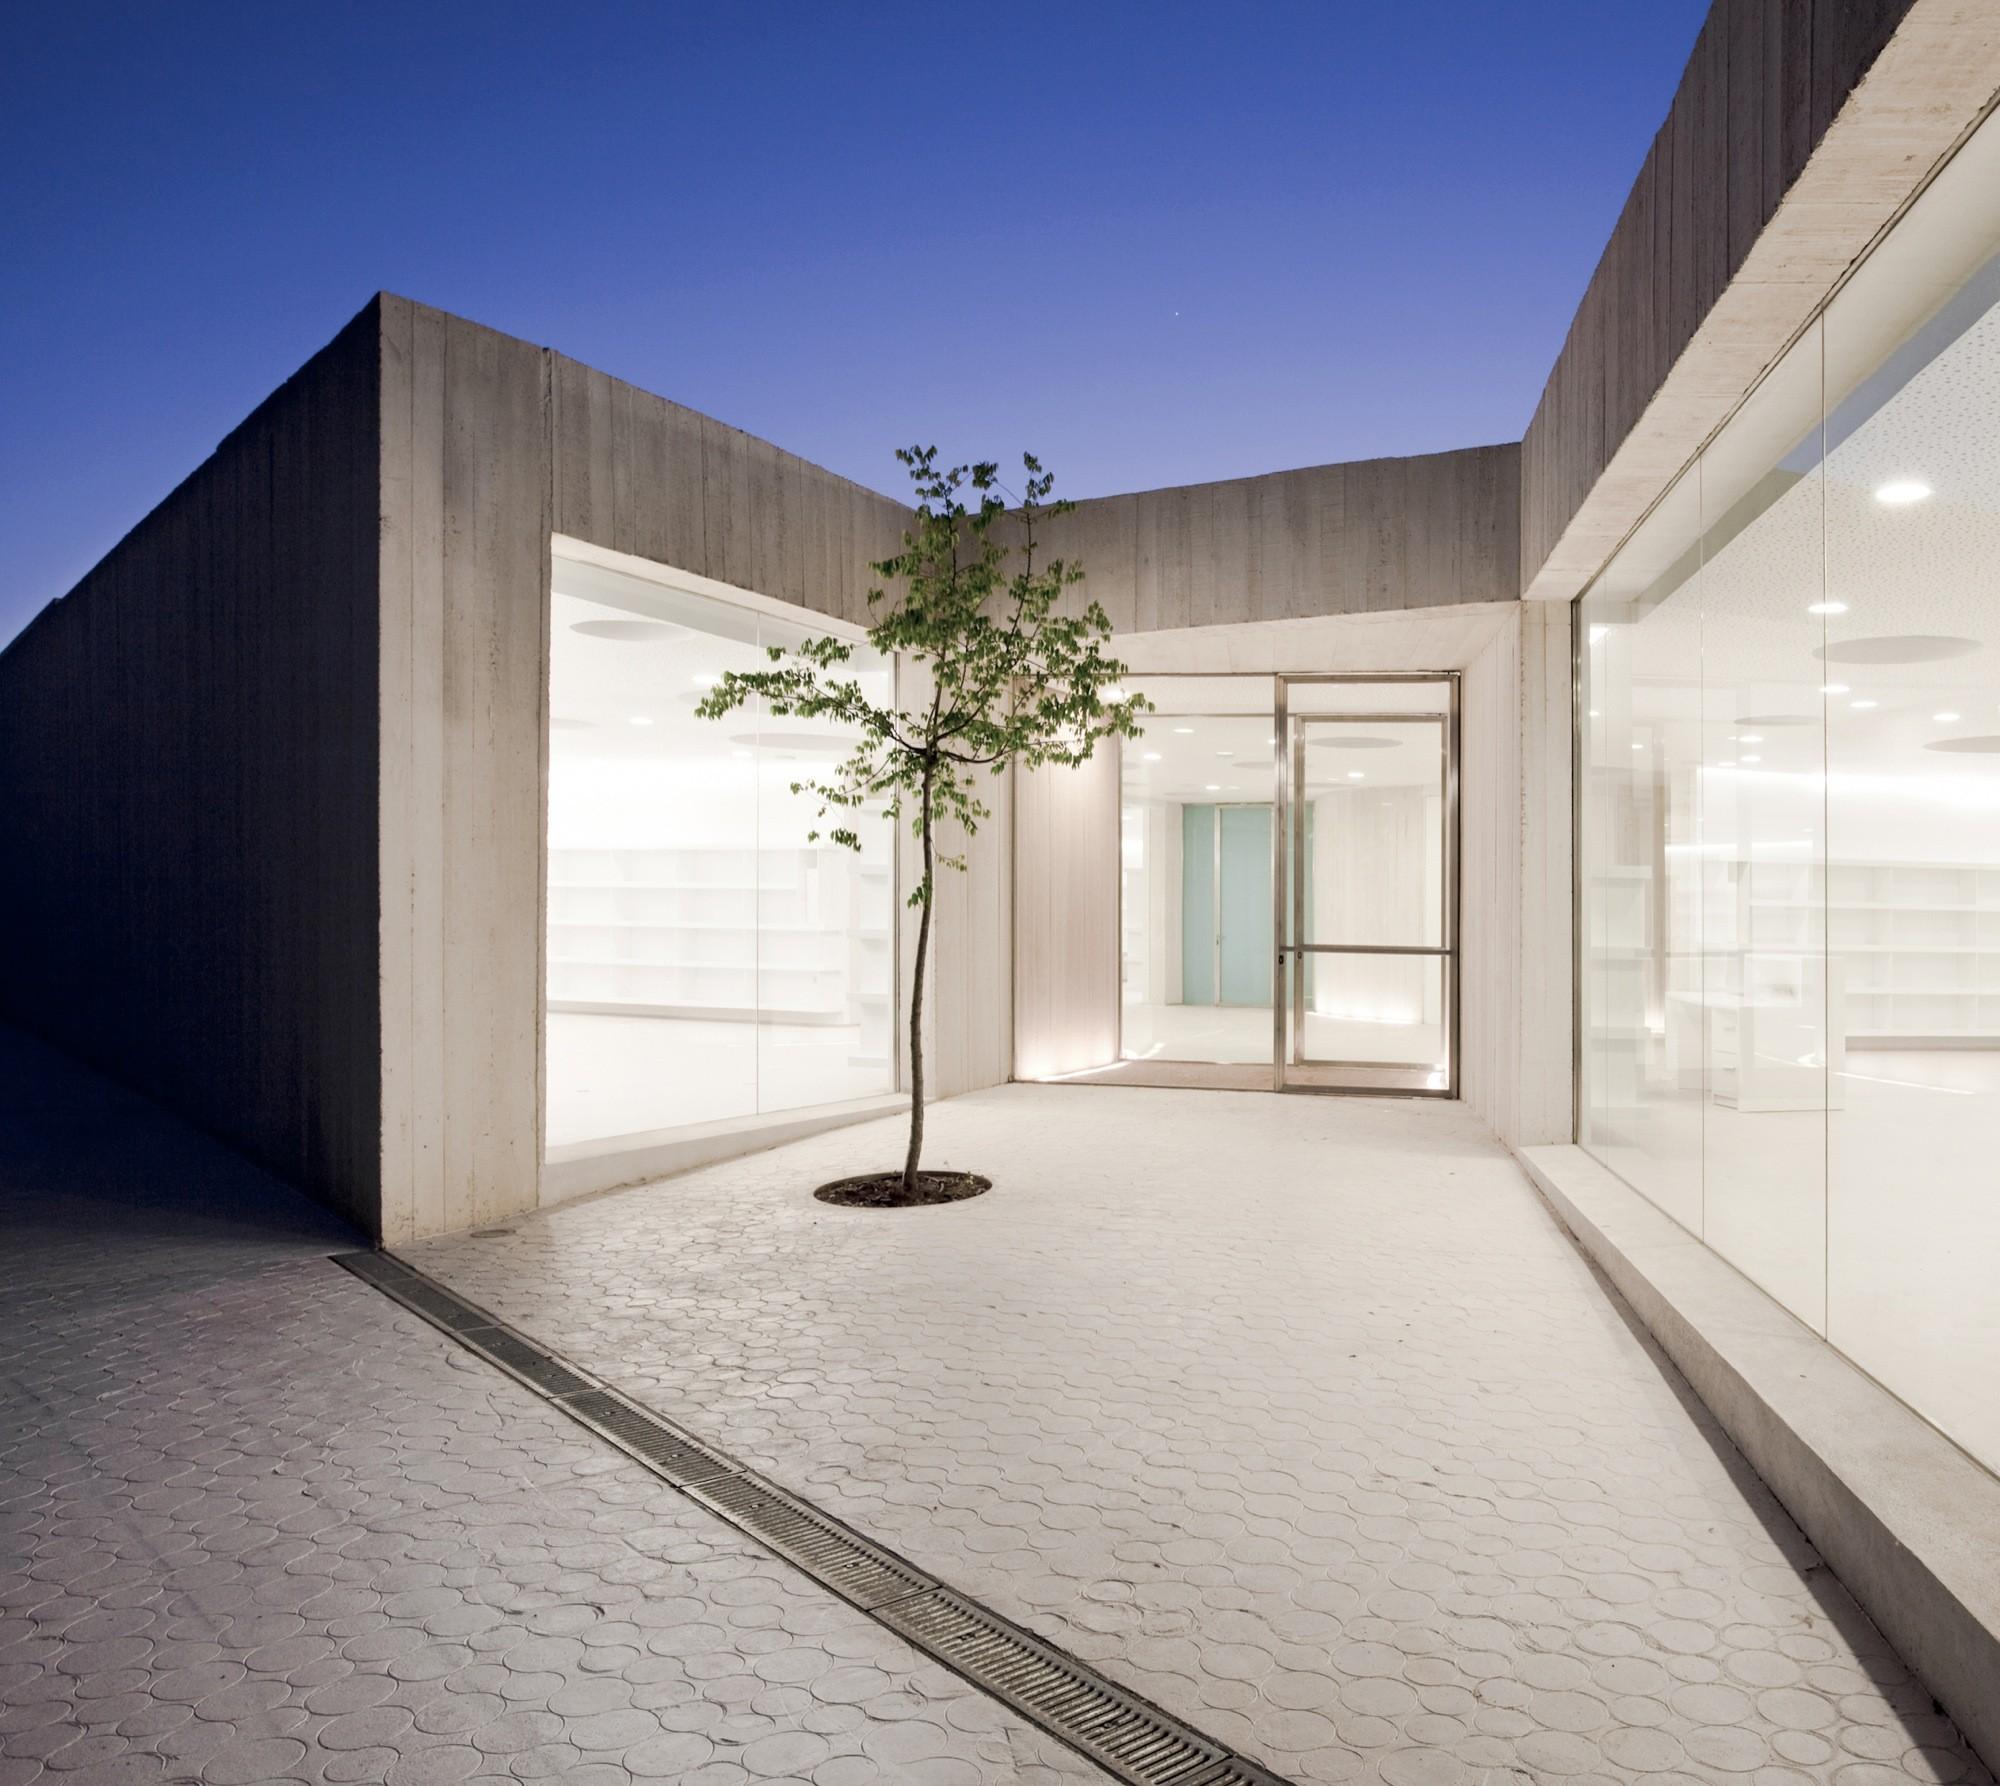 Ram N Esteve Oficina Plataforma Arquitectura # Muebles Joseph And Pool